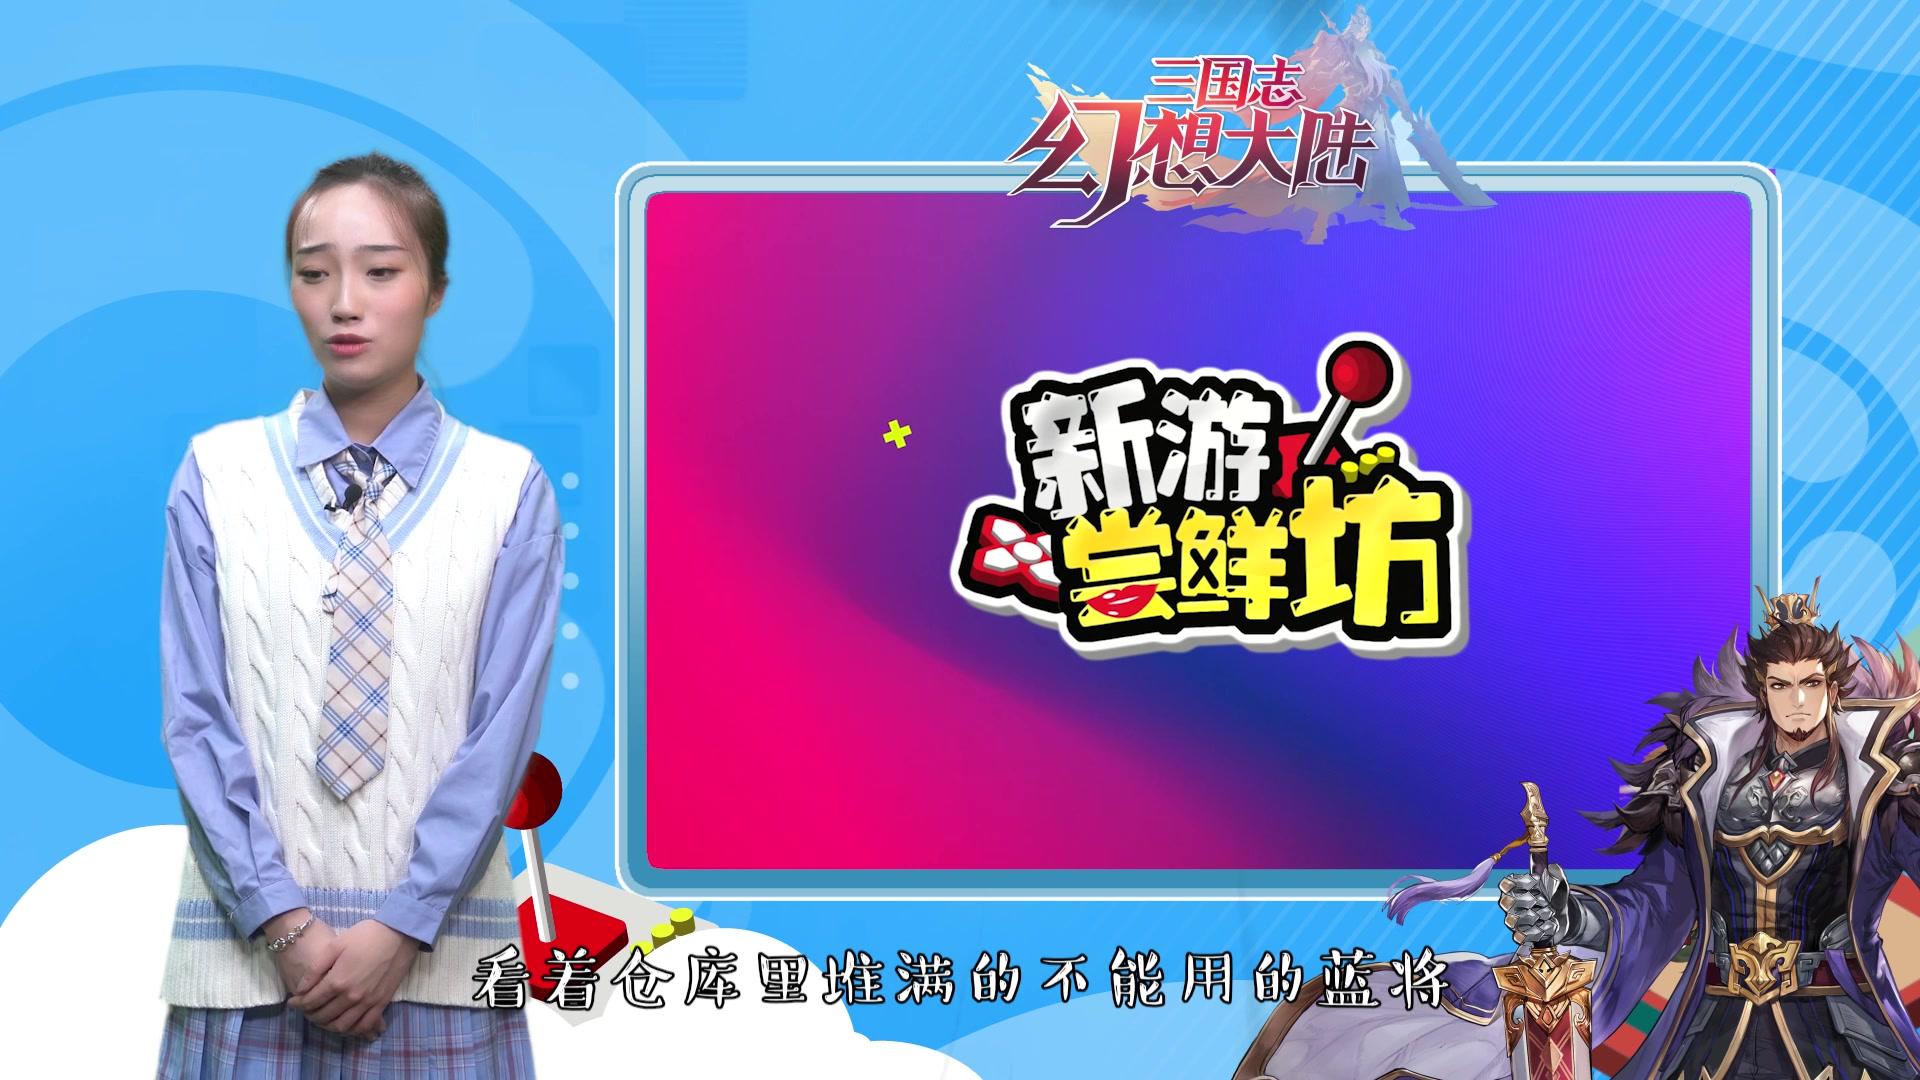 新游尝鲜坊:《三国志幻想大陆》一款手游治好肝硬化